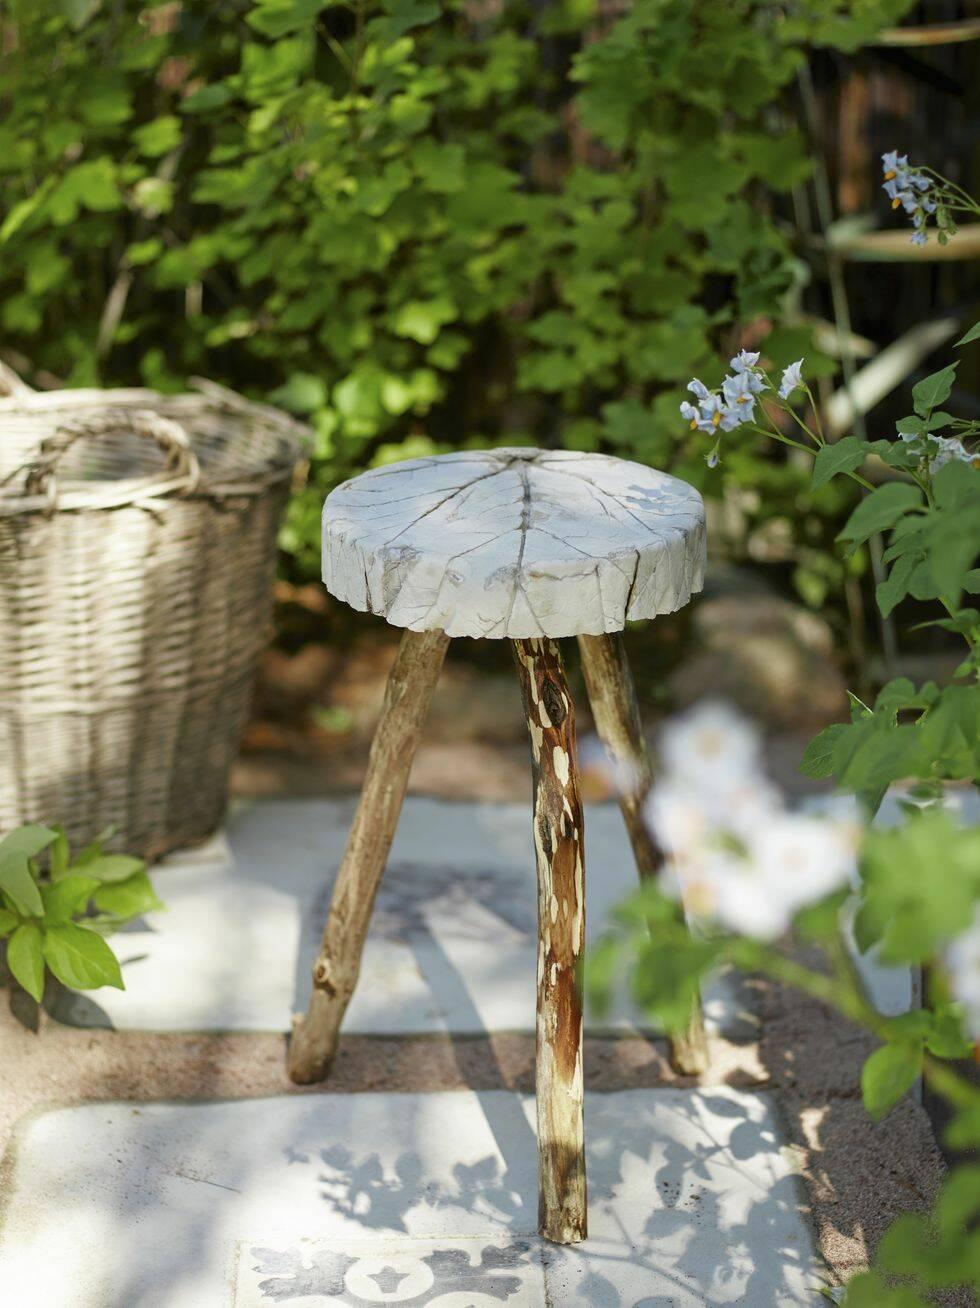 Gjut en sommarfin bladmönstrad pall med träben